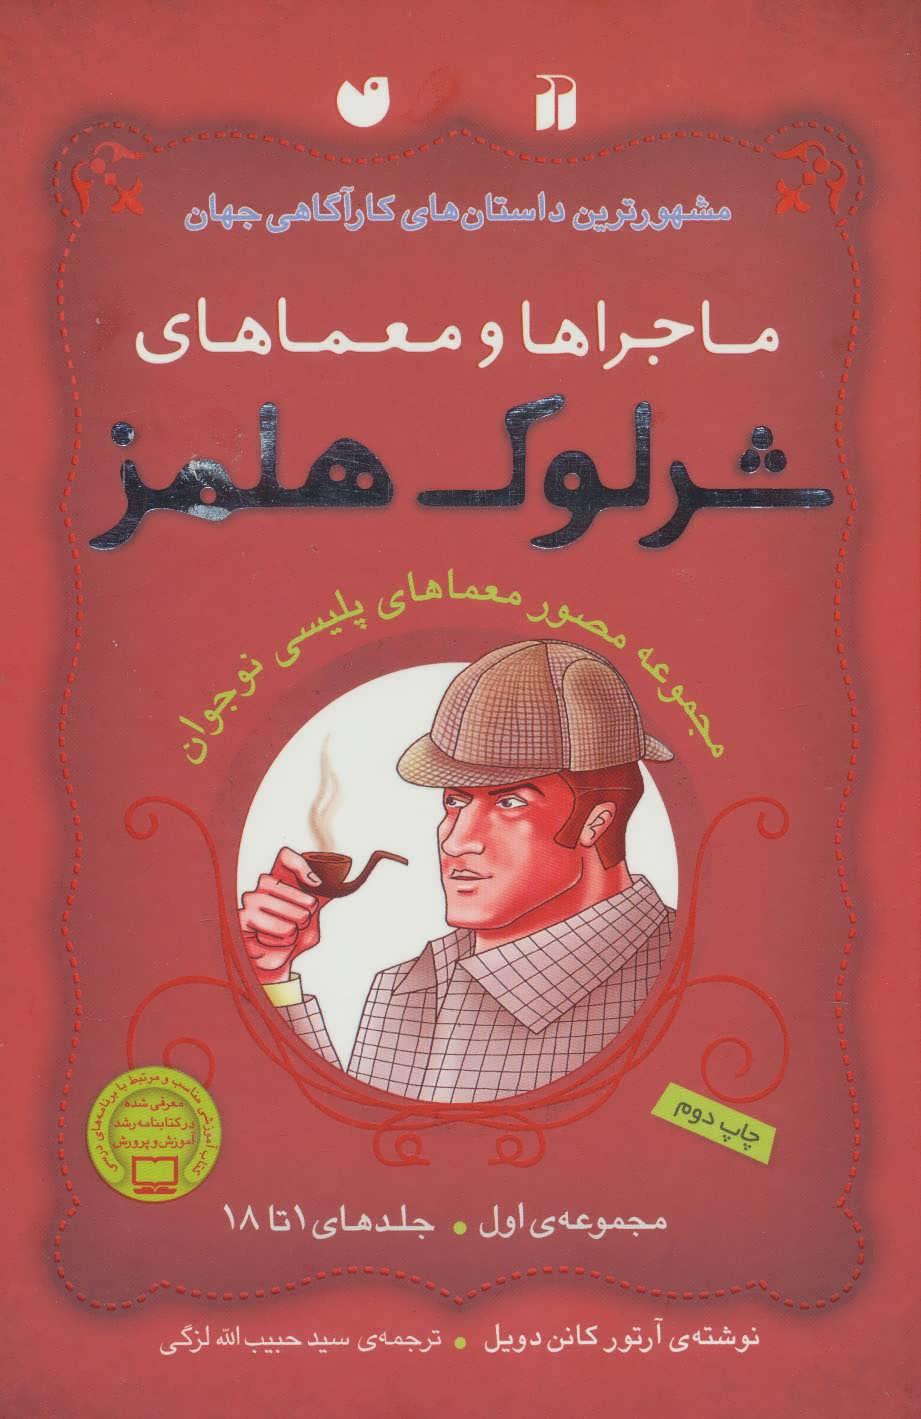 کتاب ماجراها و معماهای شرلوک هلمز